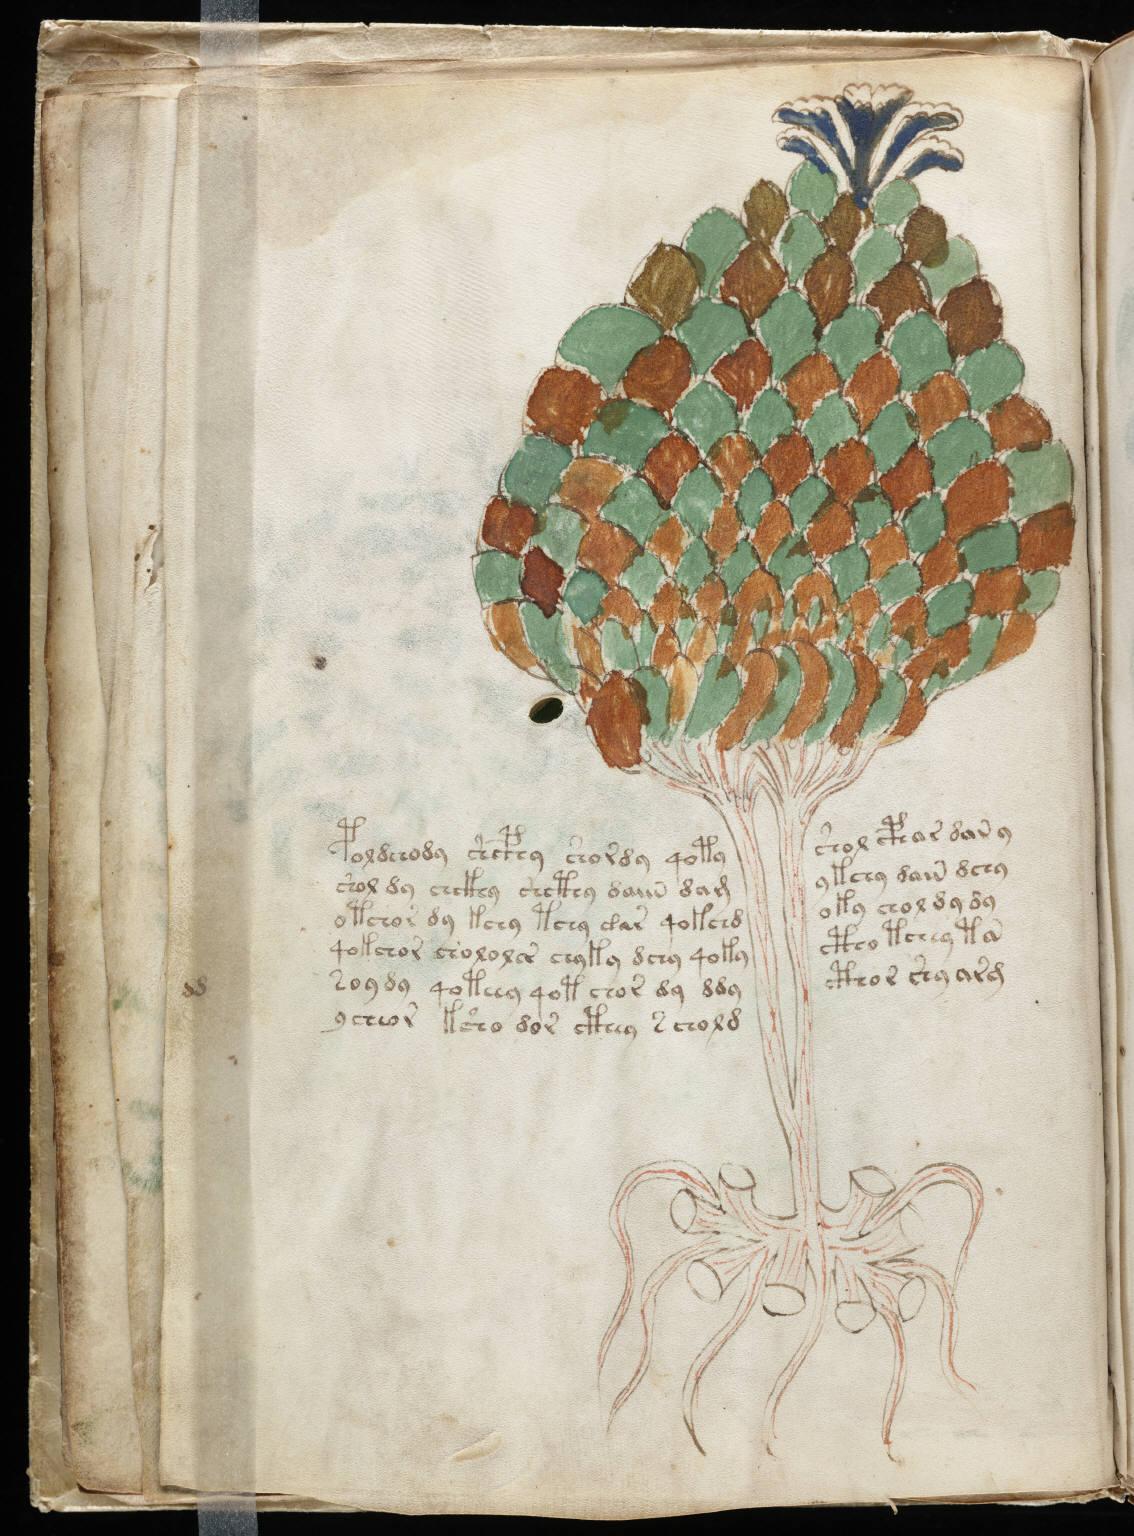 manuscrito024